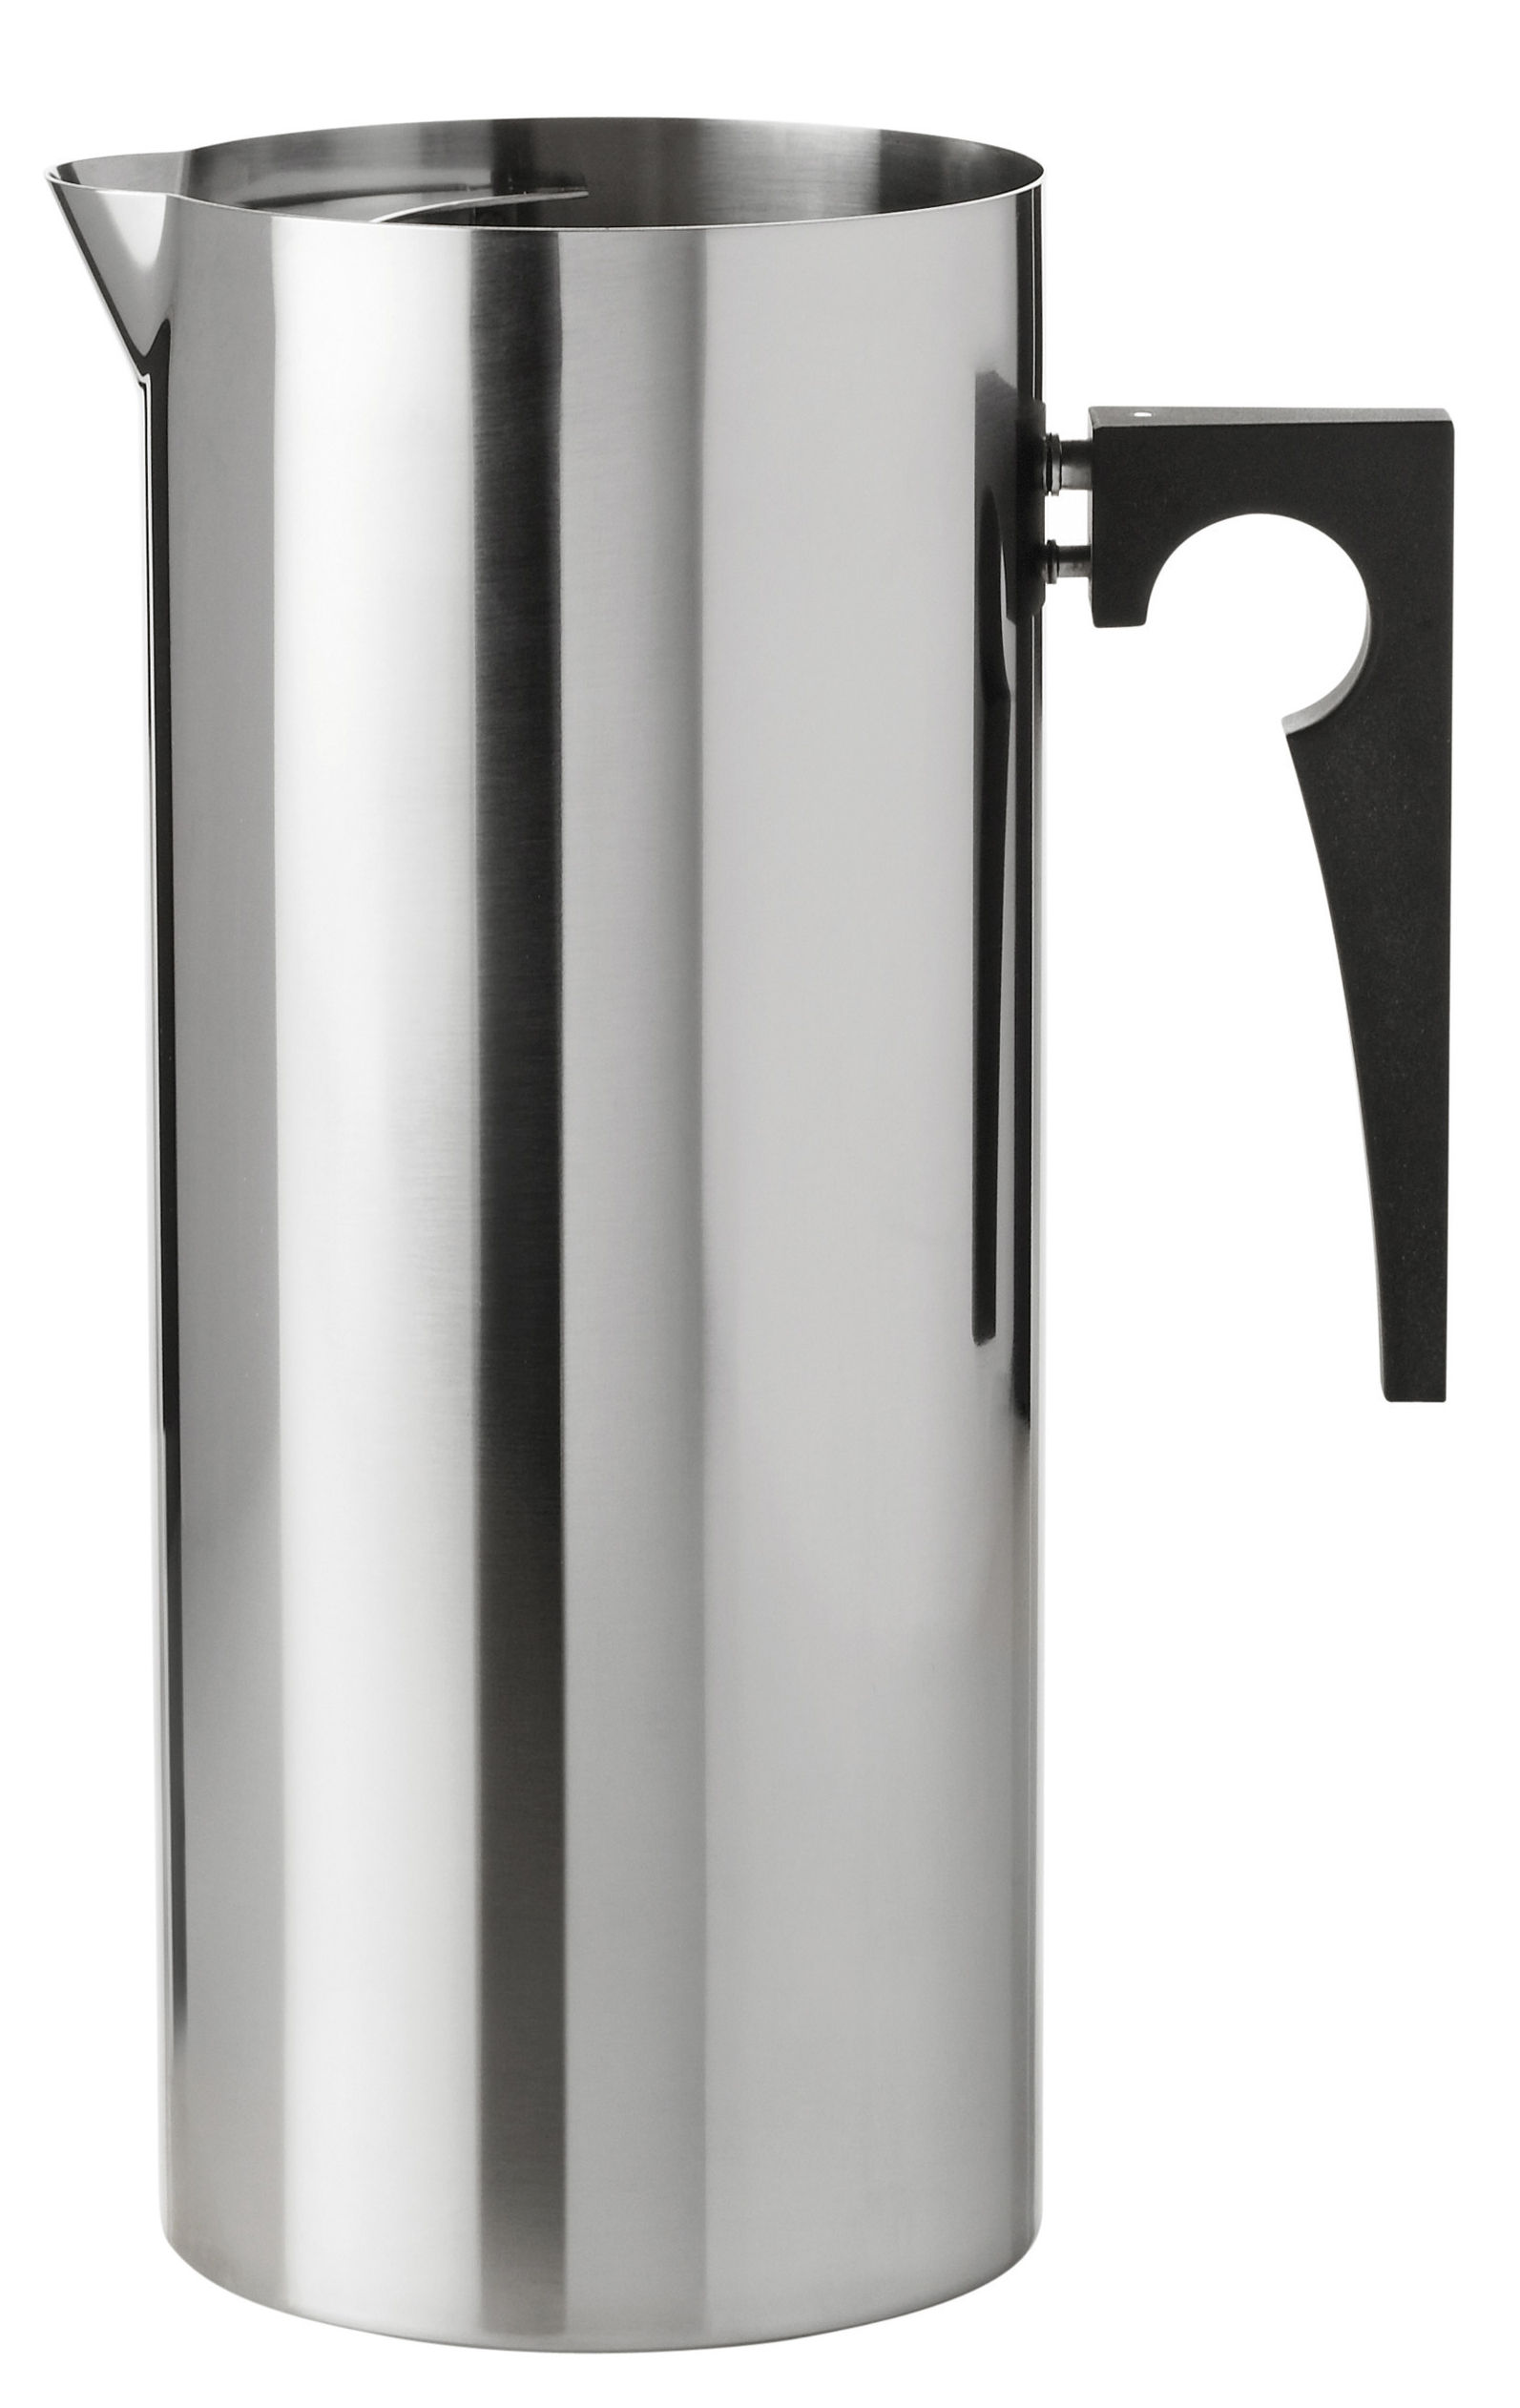 Tableware - Water Carafes & Wine Decanters - Cylinda-Line Carafe - 2 L by Stelton - Steel - Bakelite, Stainless steel